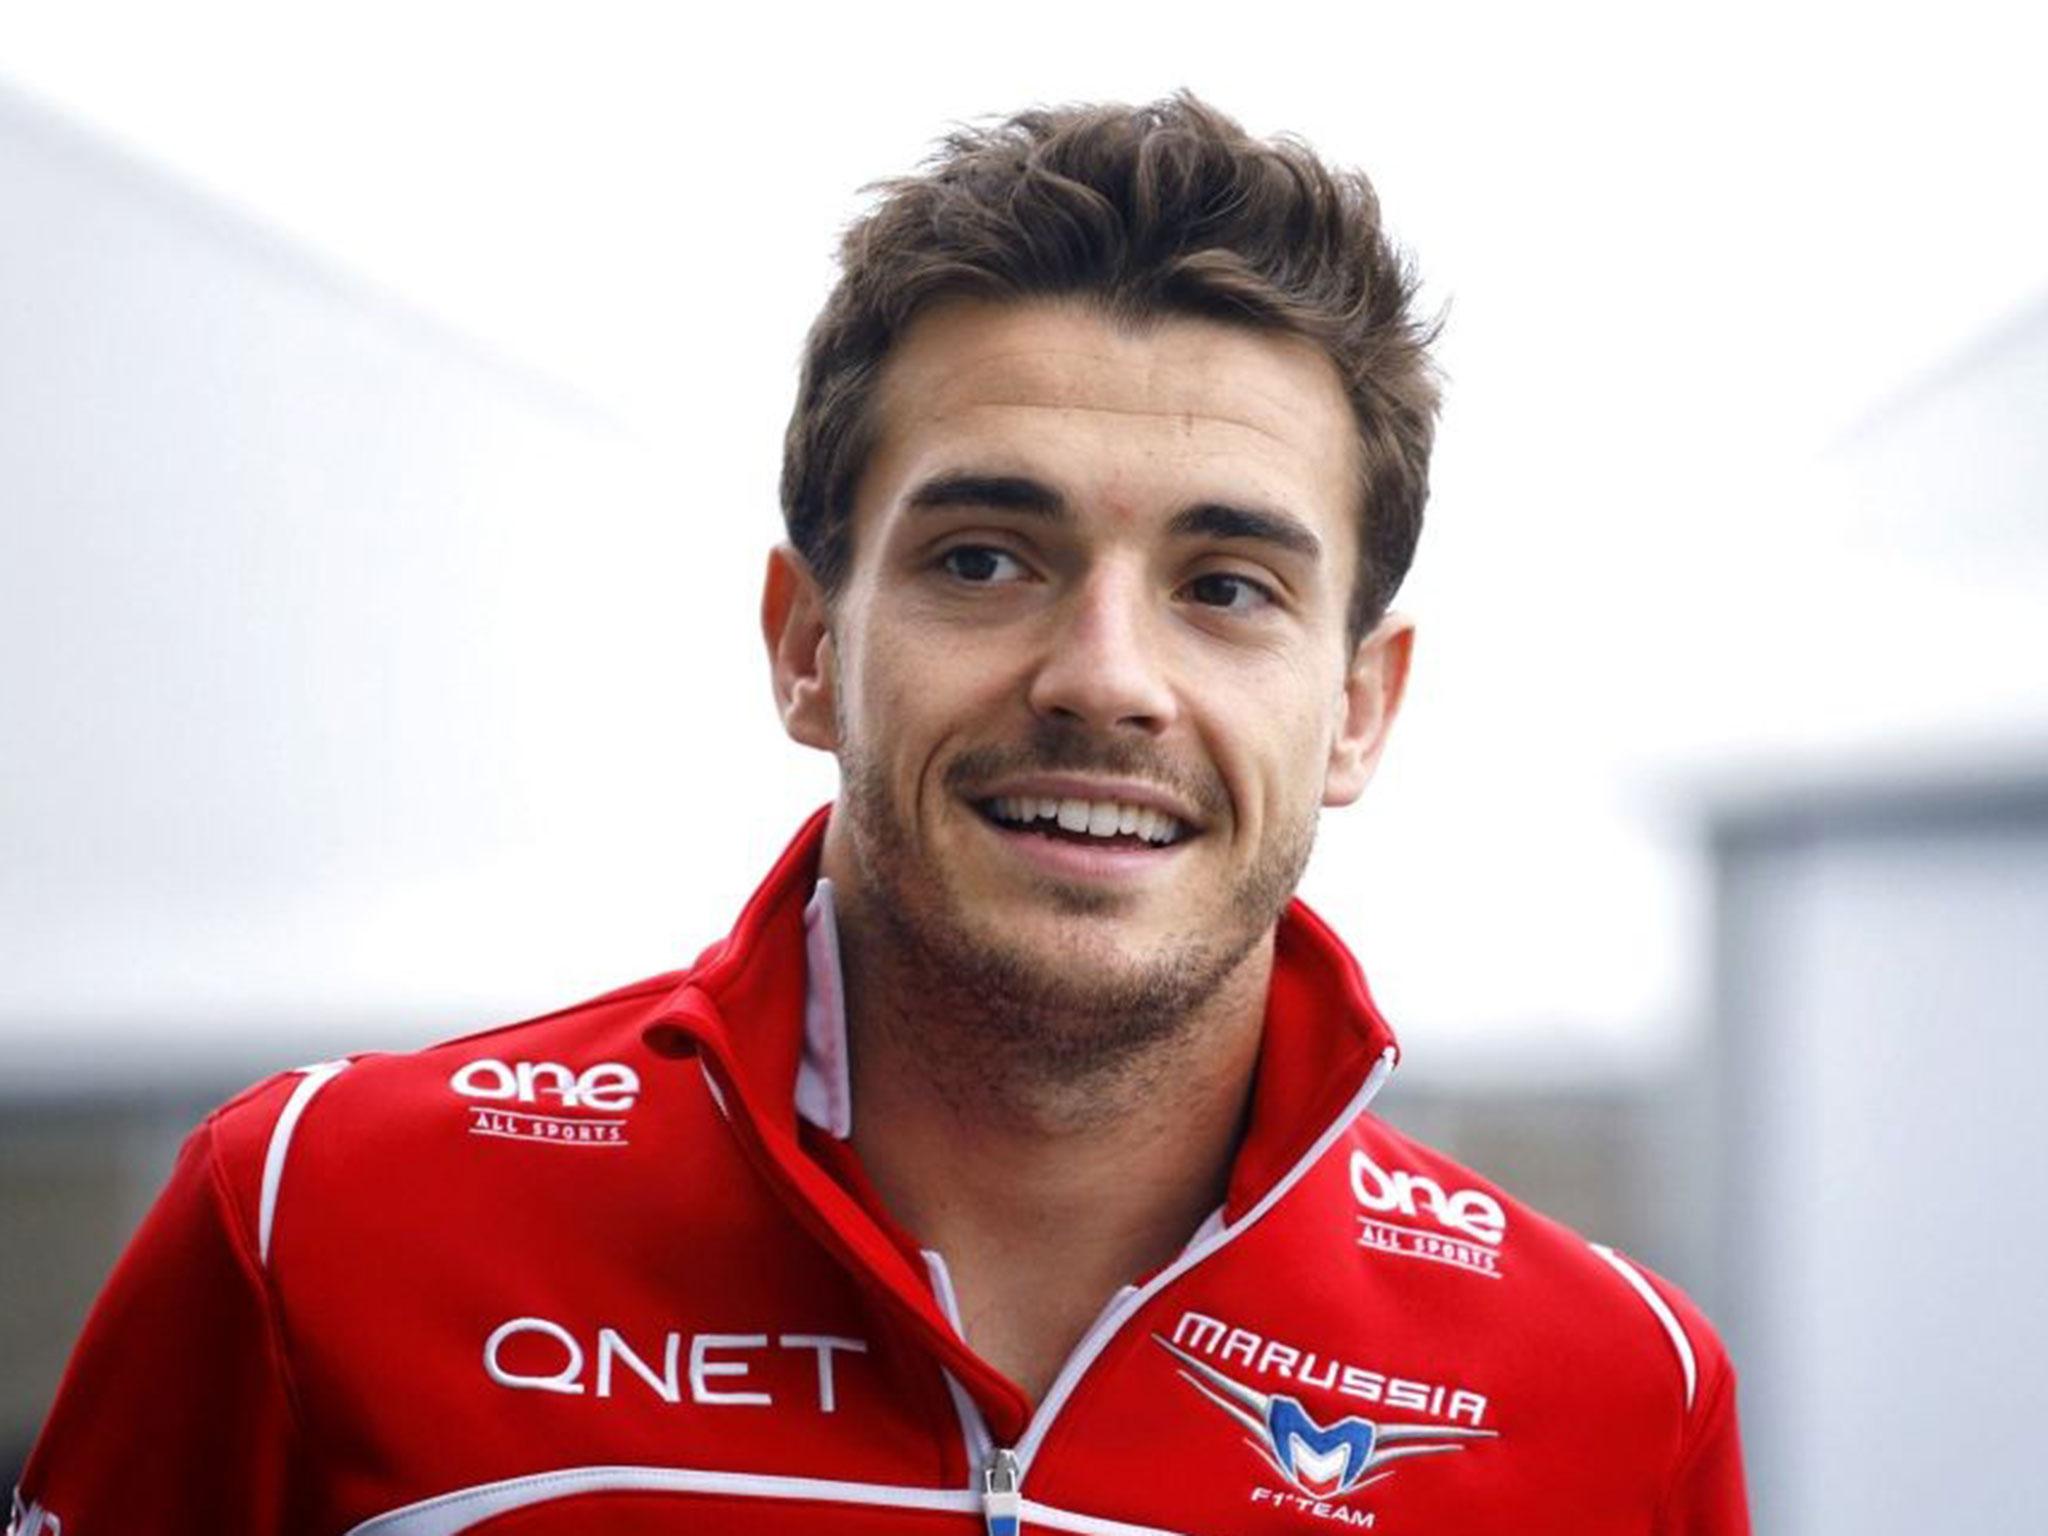 Številne osebe so se poklonile Bianchiju